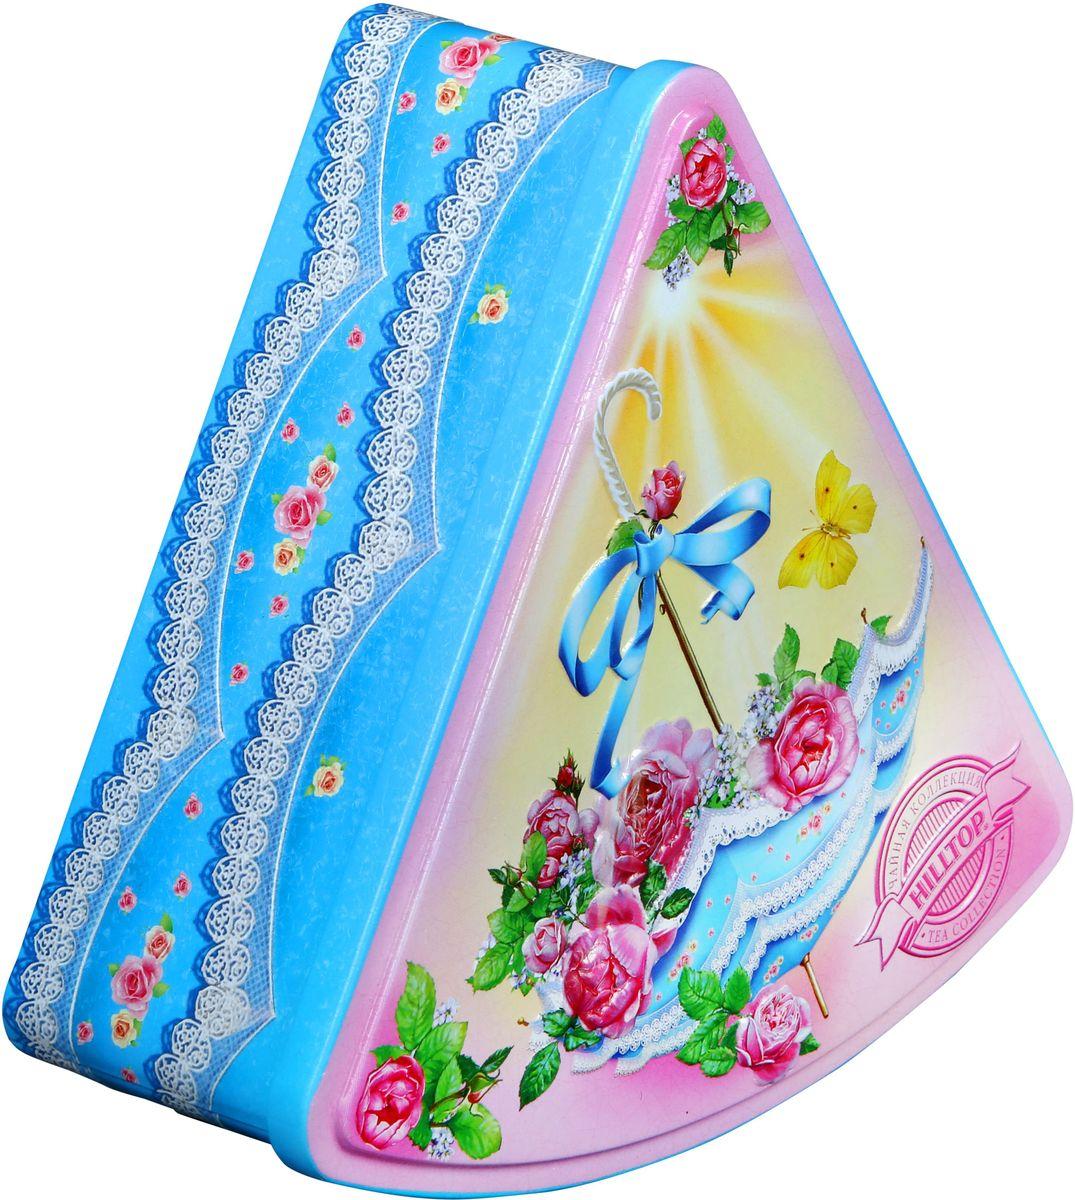 HilltopСолнечный зонтик Цитрусовая фантазия черный листовой чай, 100 г Hilltop